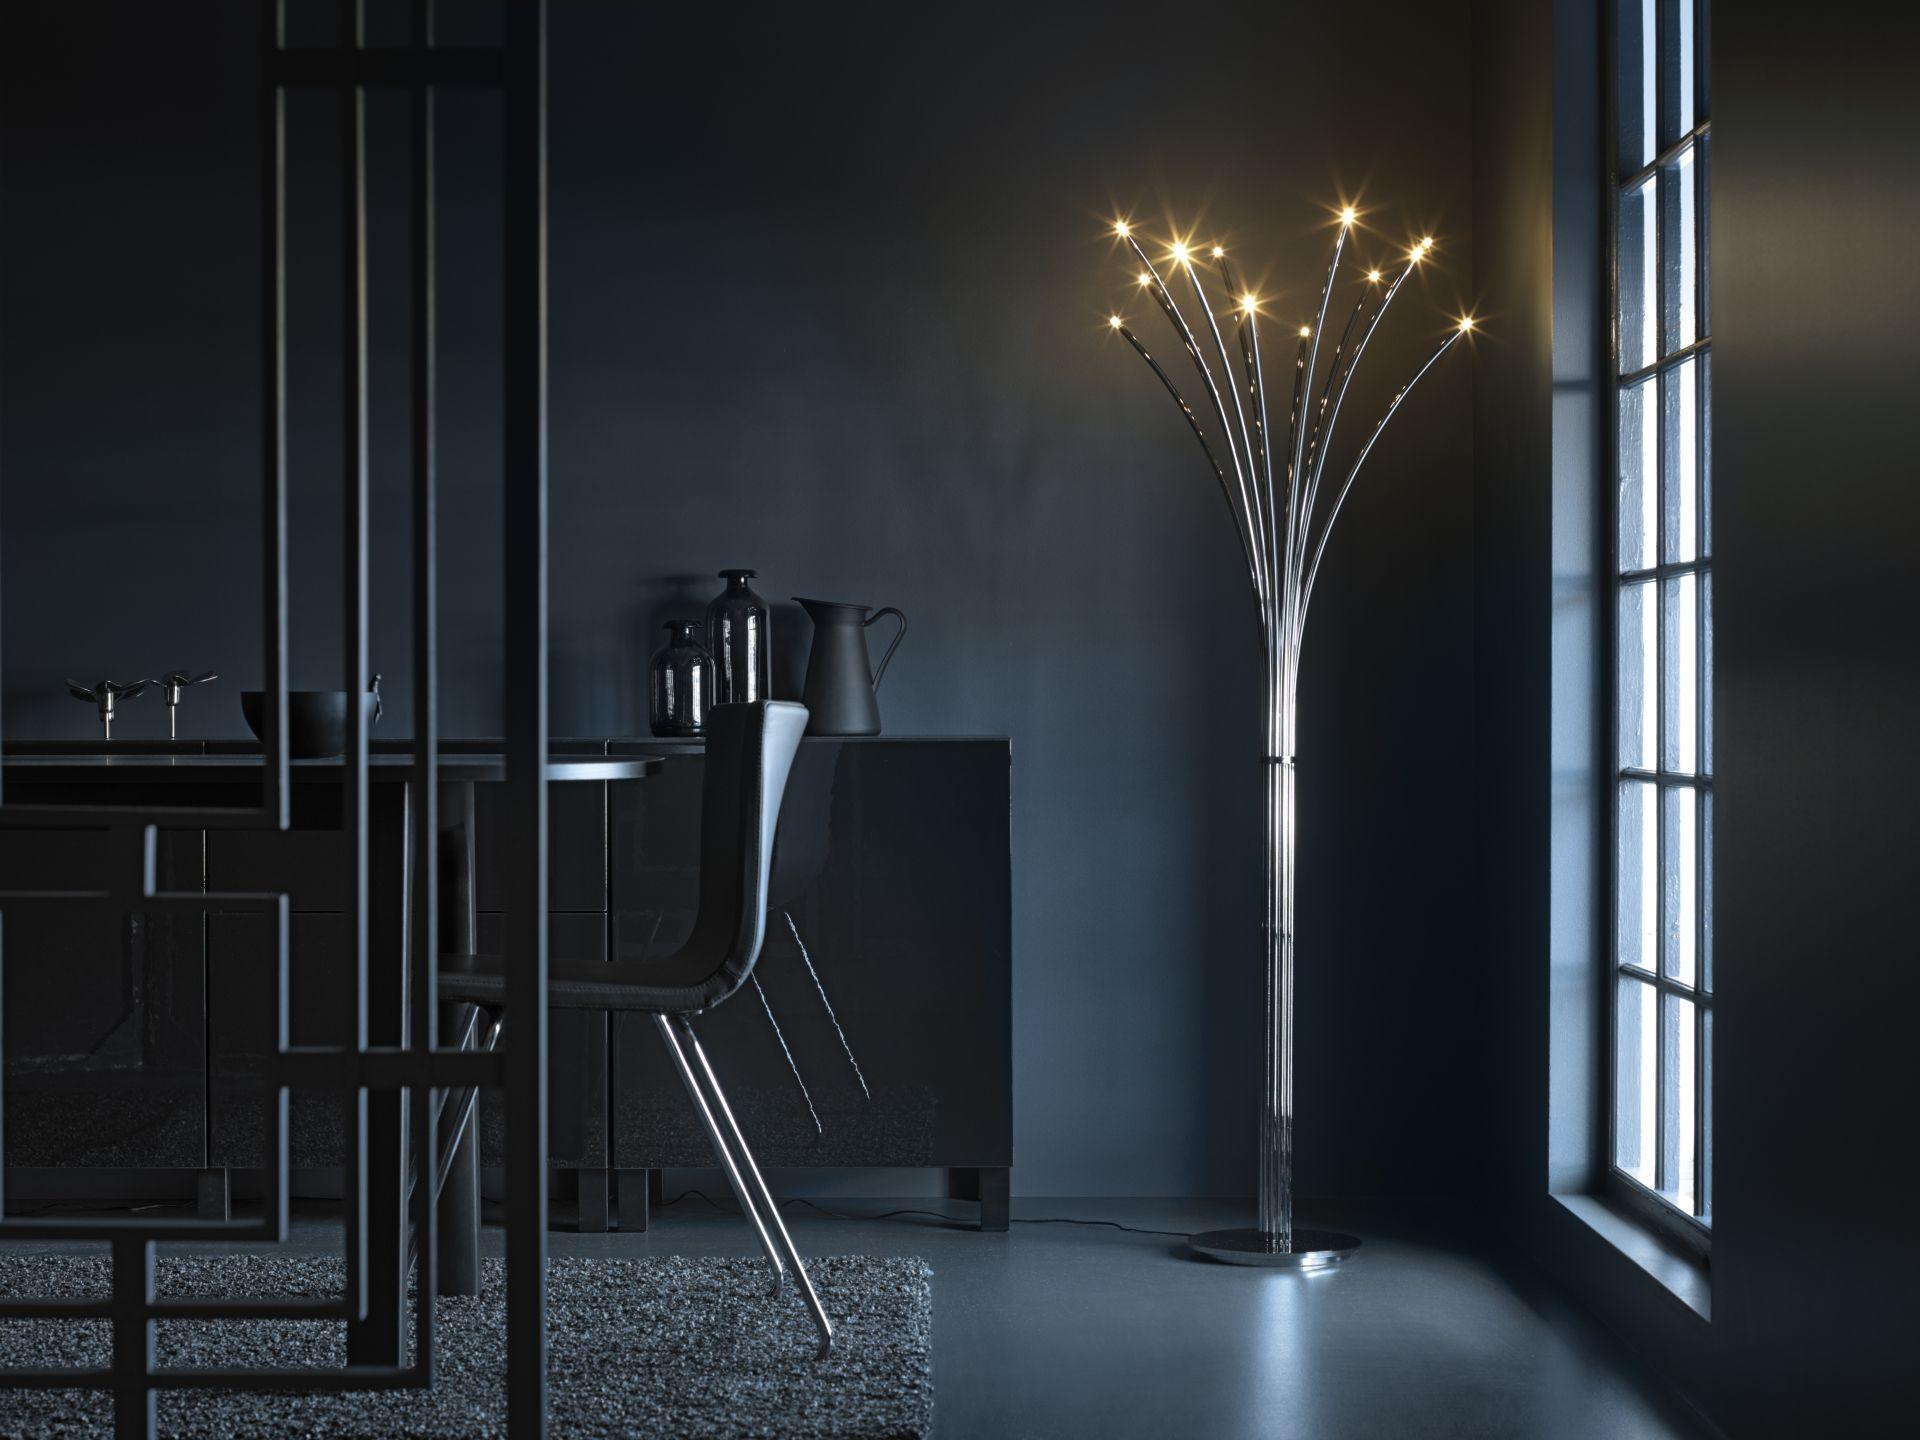 Woonkamer Staande Lamp : HovnÄs staande lamp ikea ikeanederland ikeanl nieuw verlichting